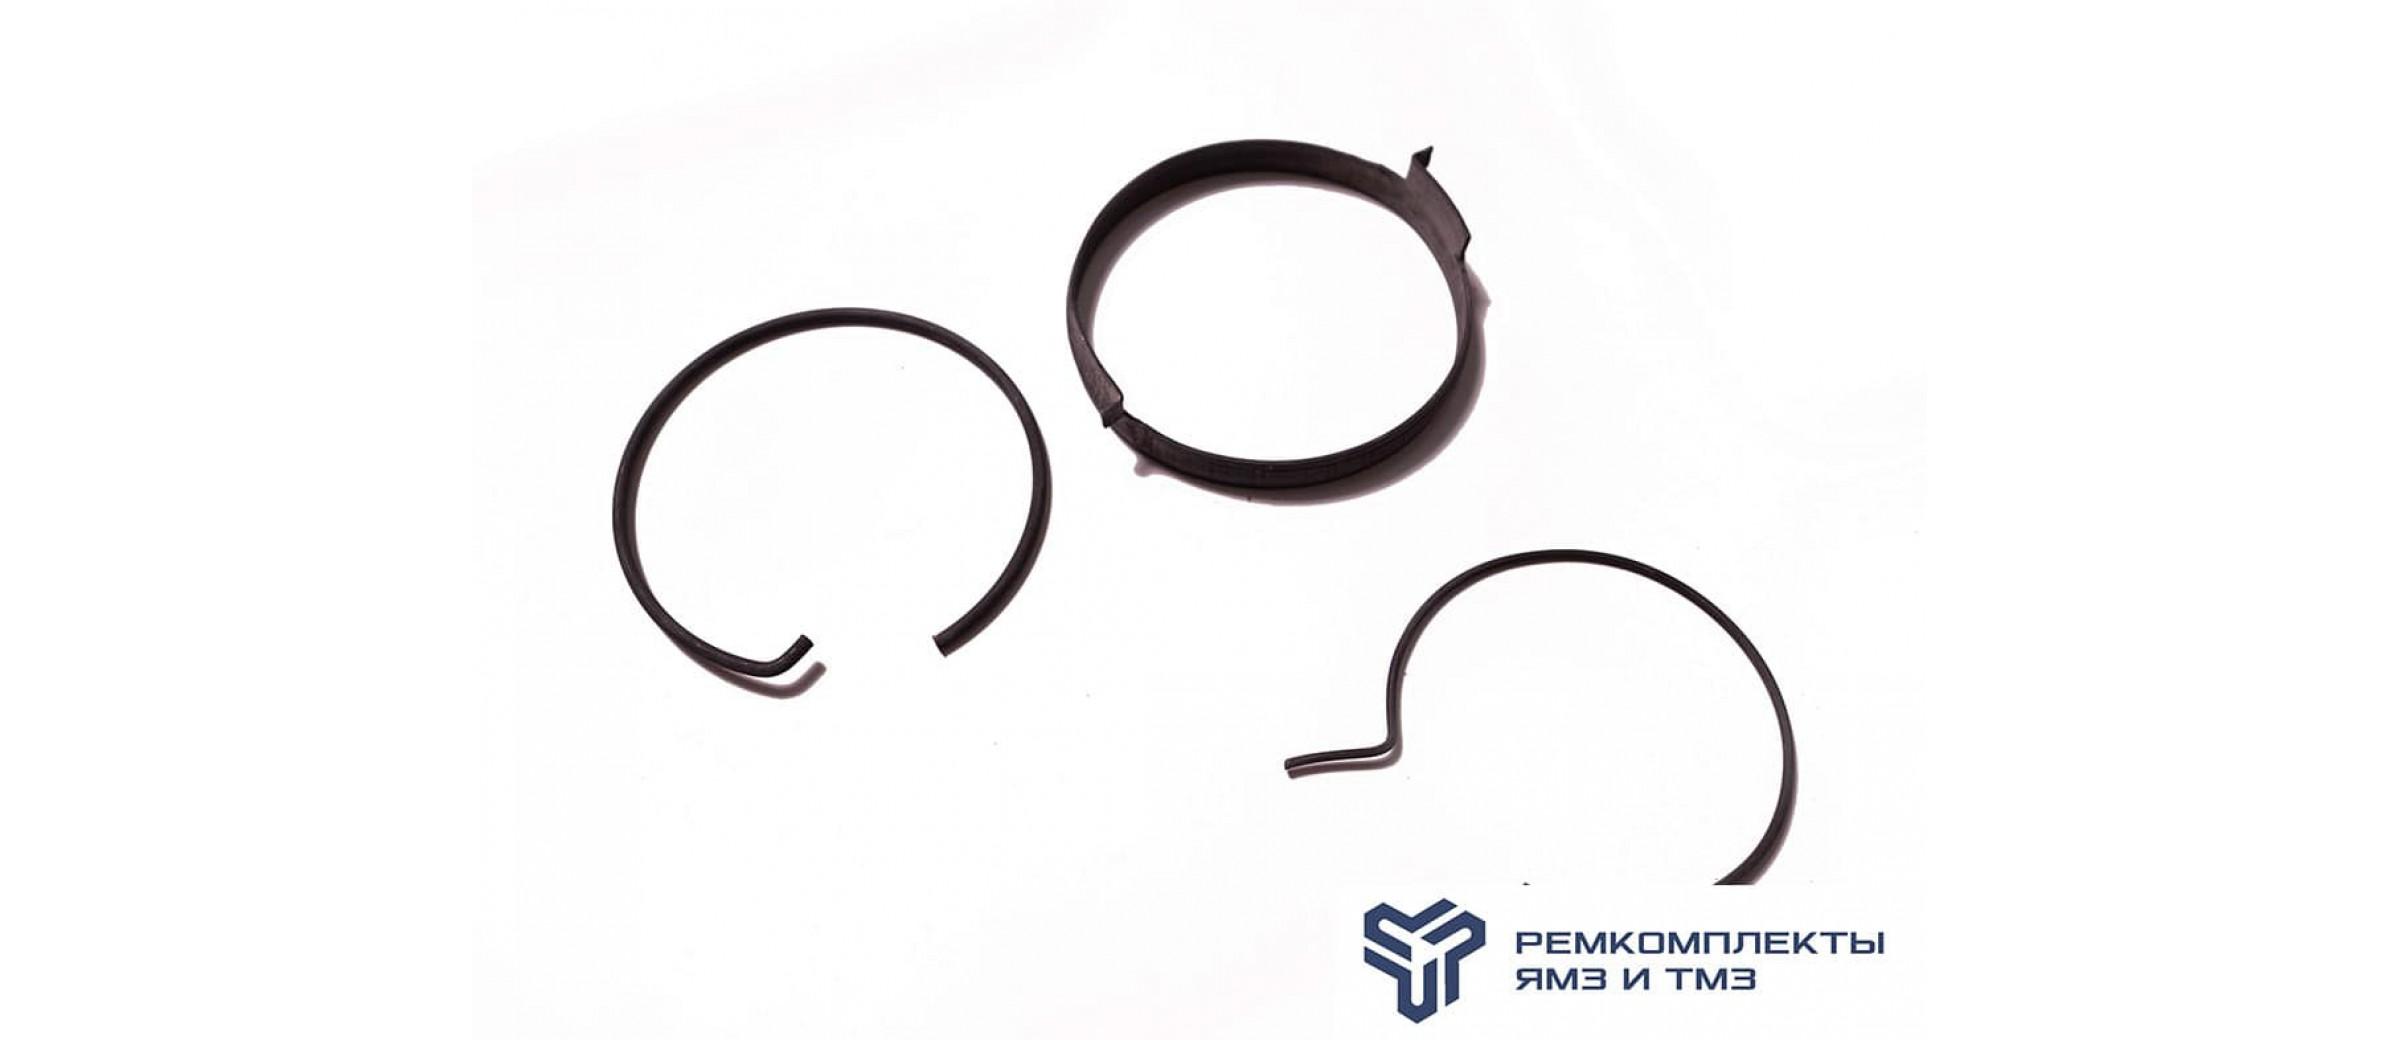 Ремкомплекты муфты выключения сцепления 184 (3 кольца)